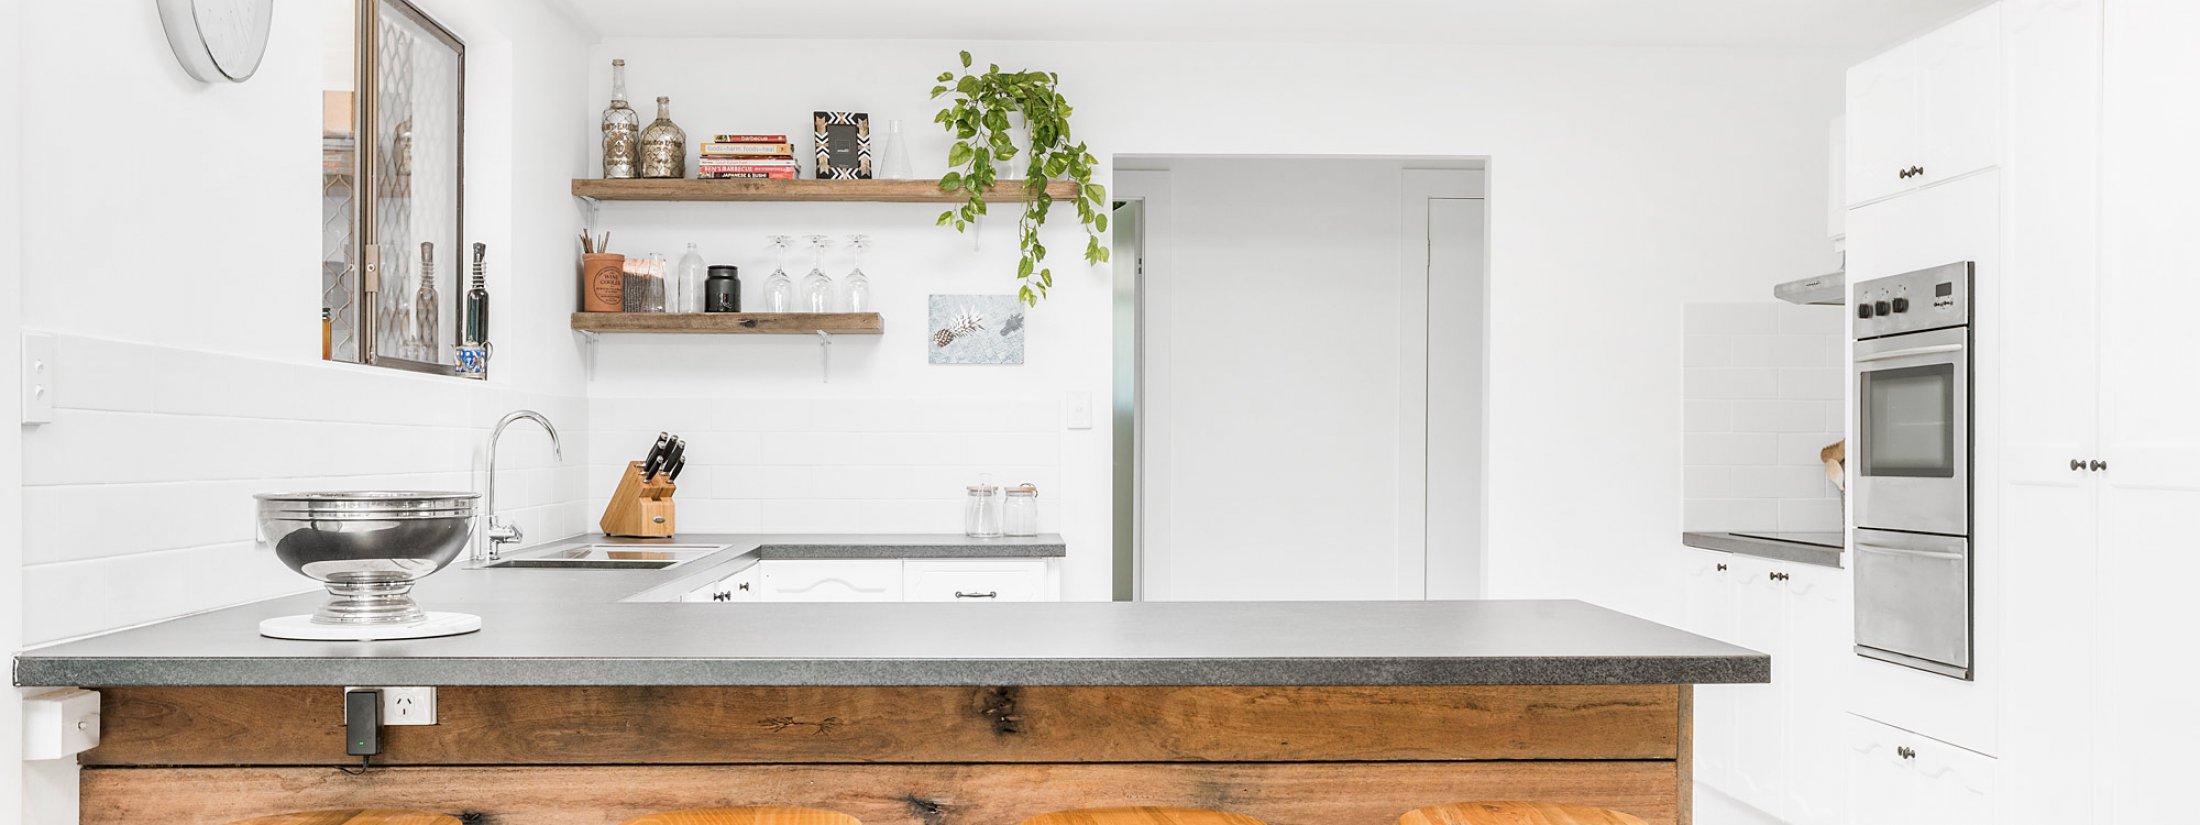 Sea Salt - Byron Bay - Kitchen b